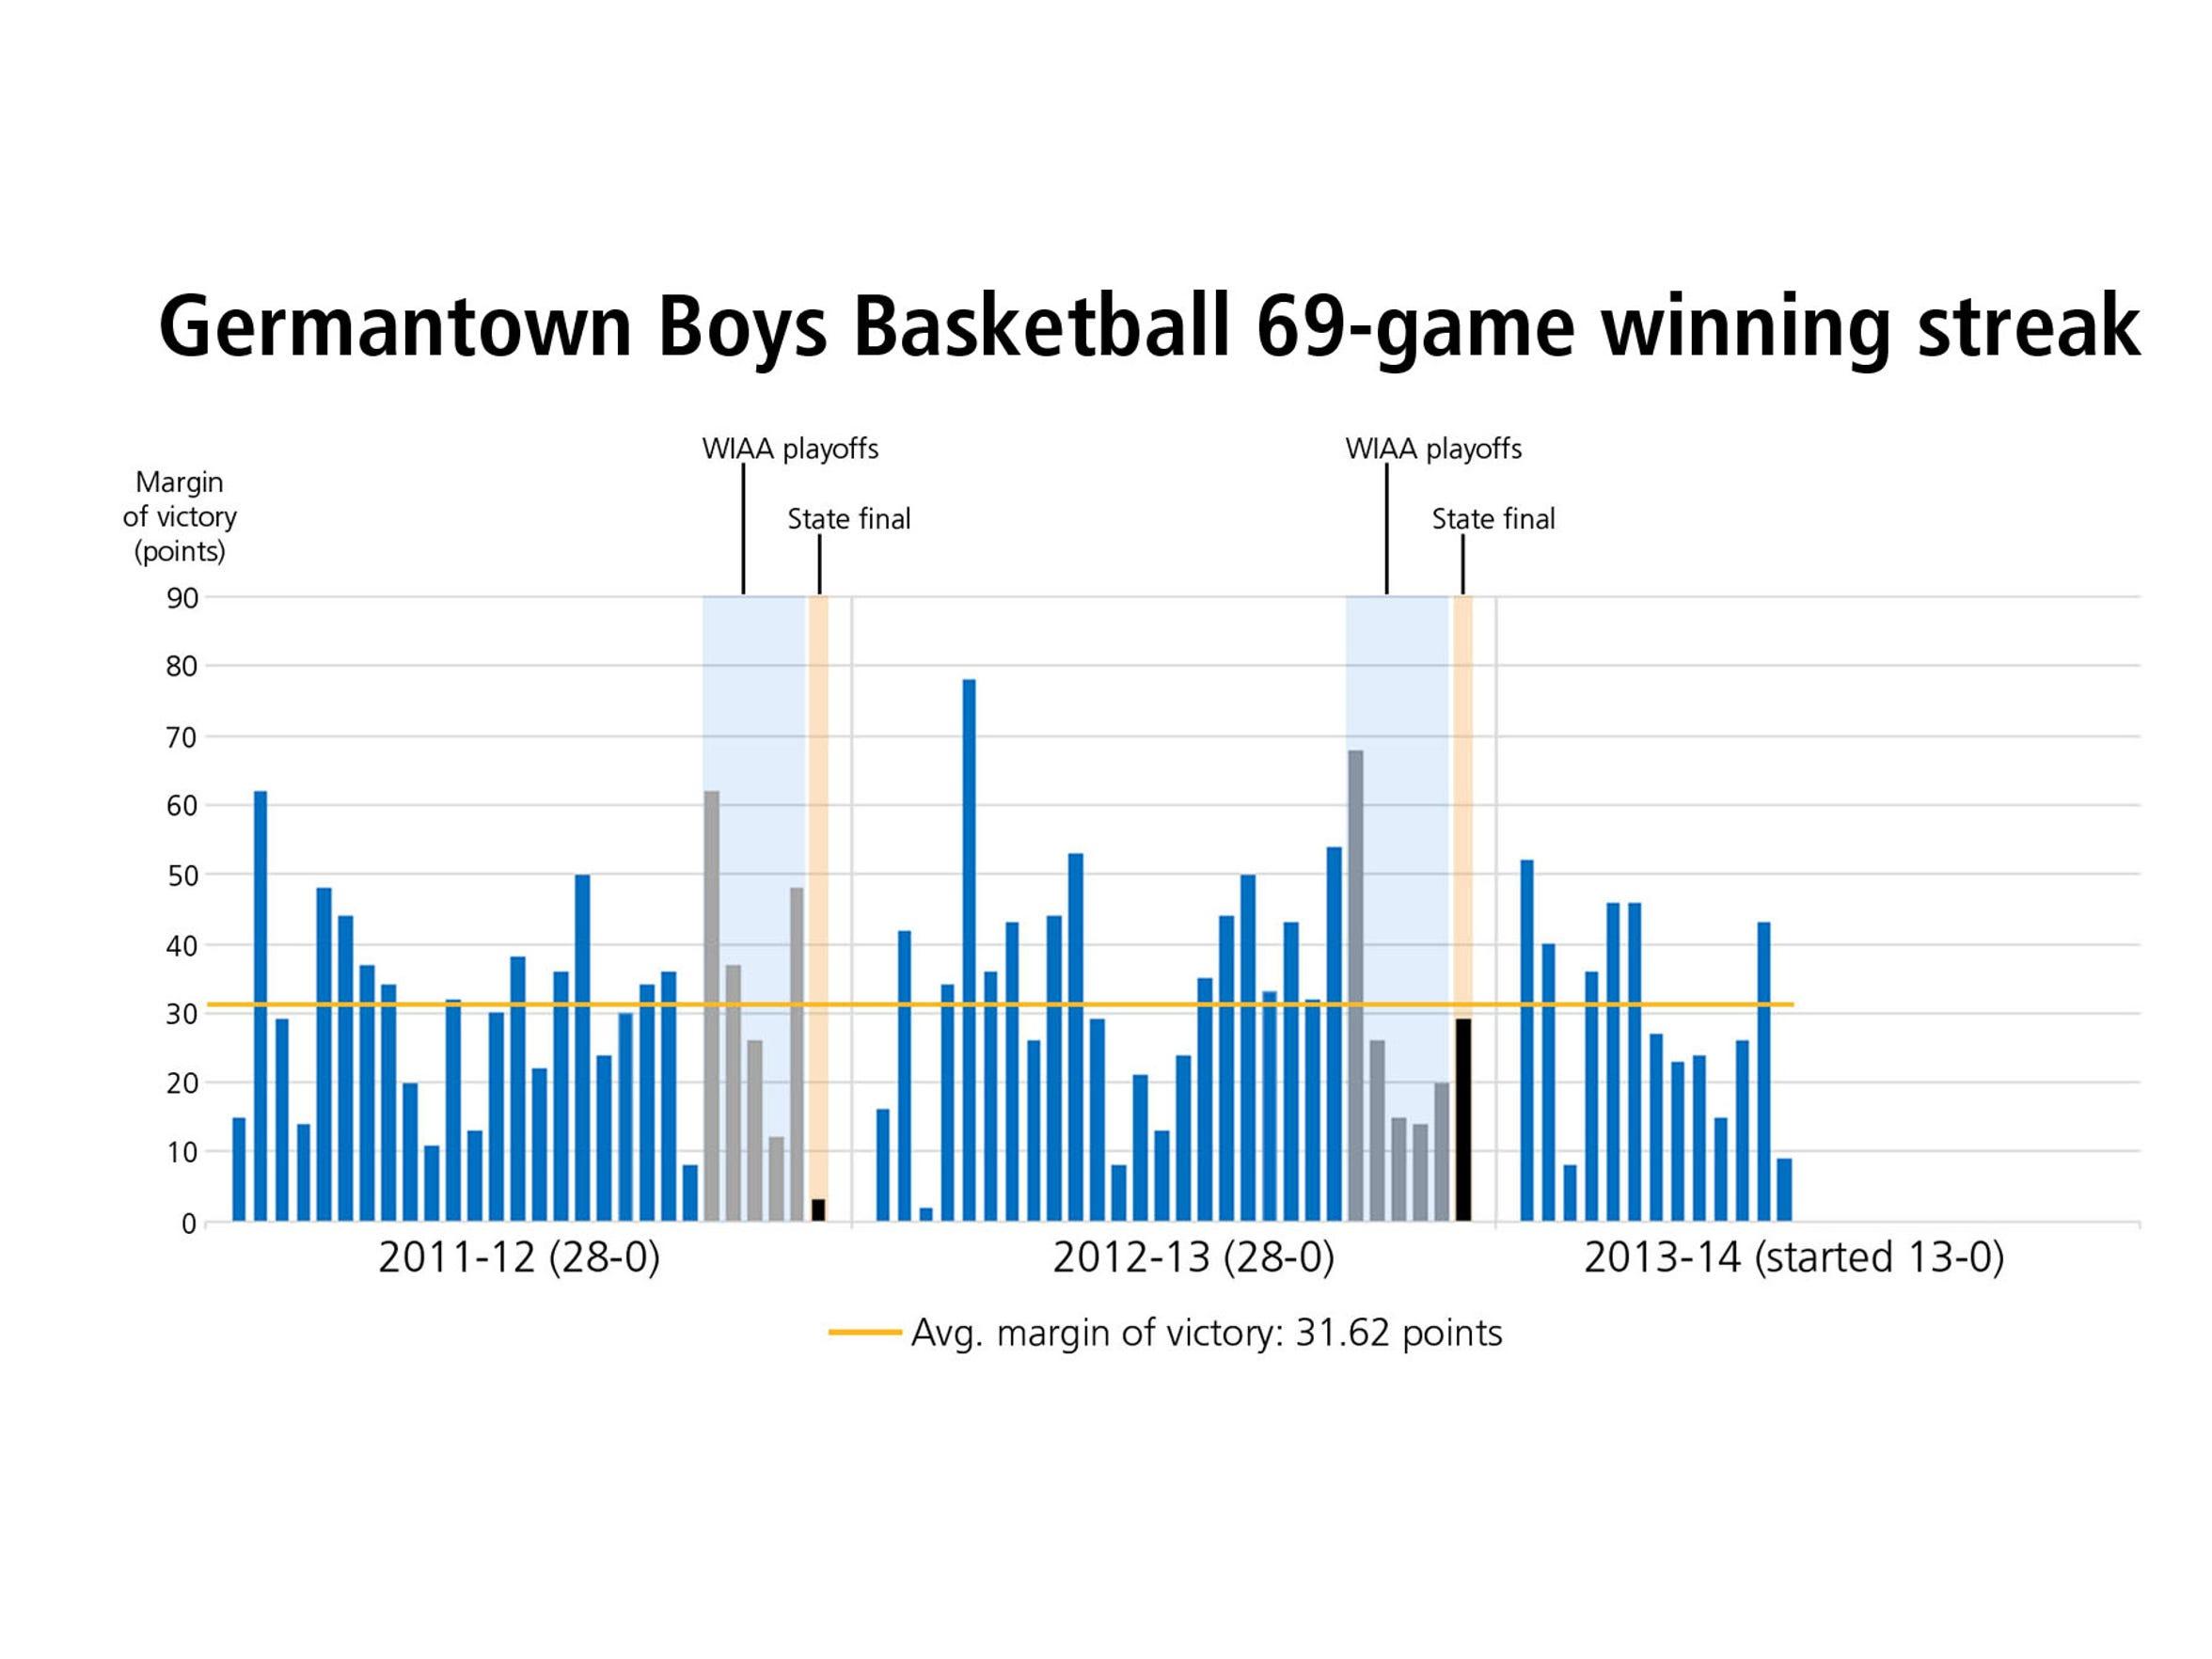 A look at Germantown's 69-game winning streak by margin